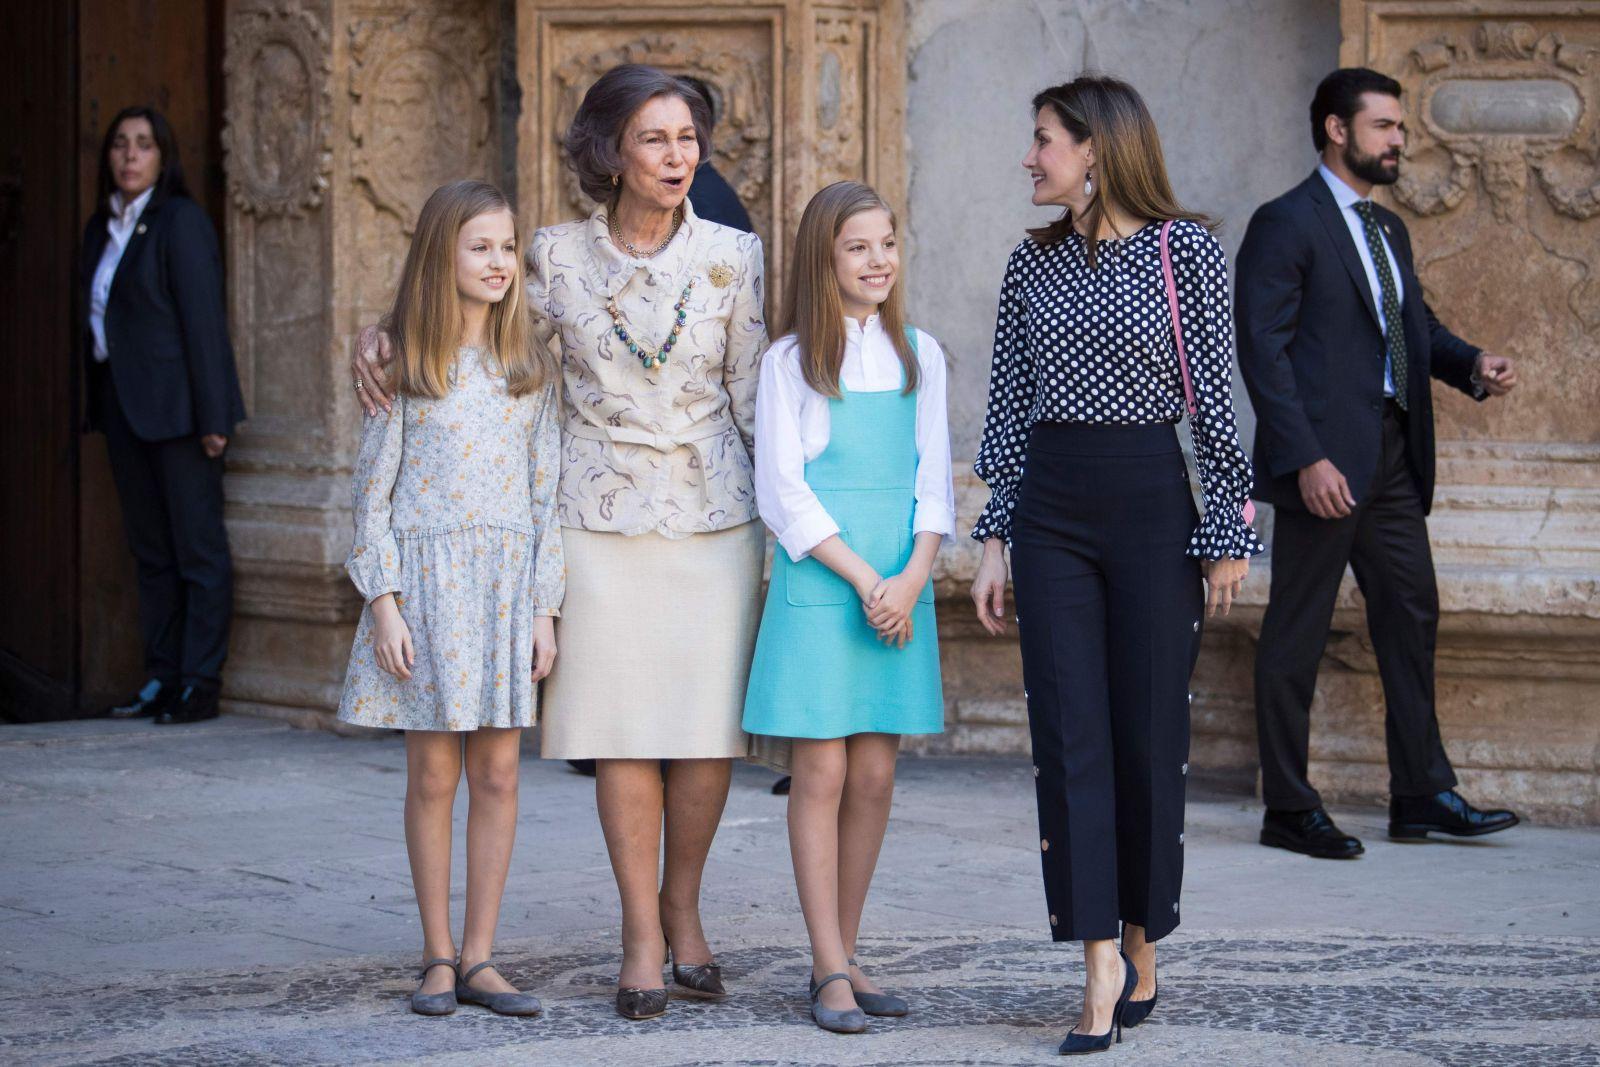 Hasta en las mejores familias, pelea de la familia real española se vuelve viral